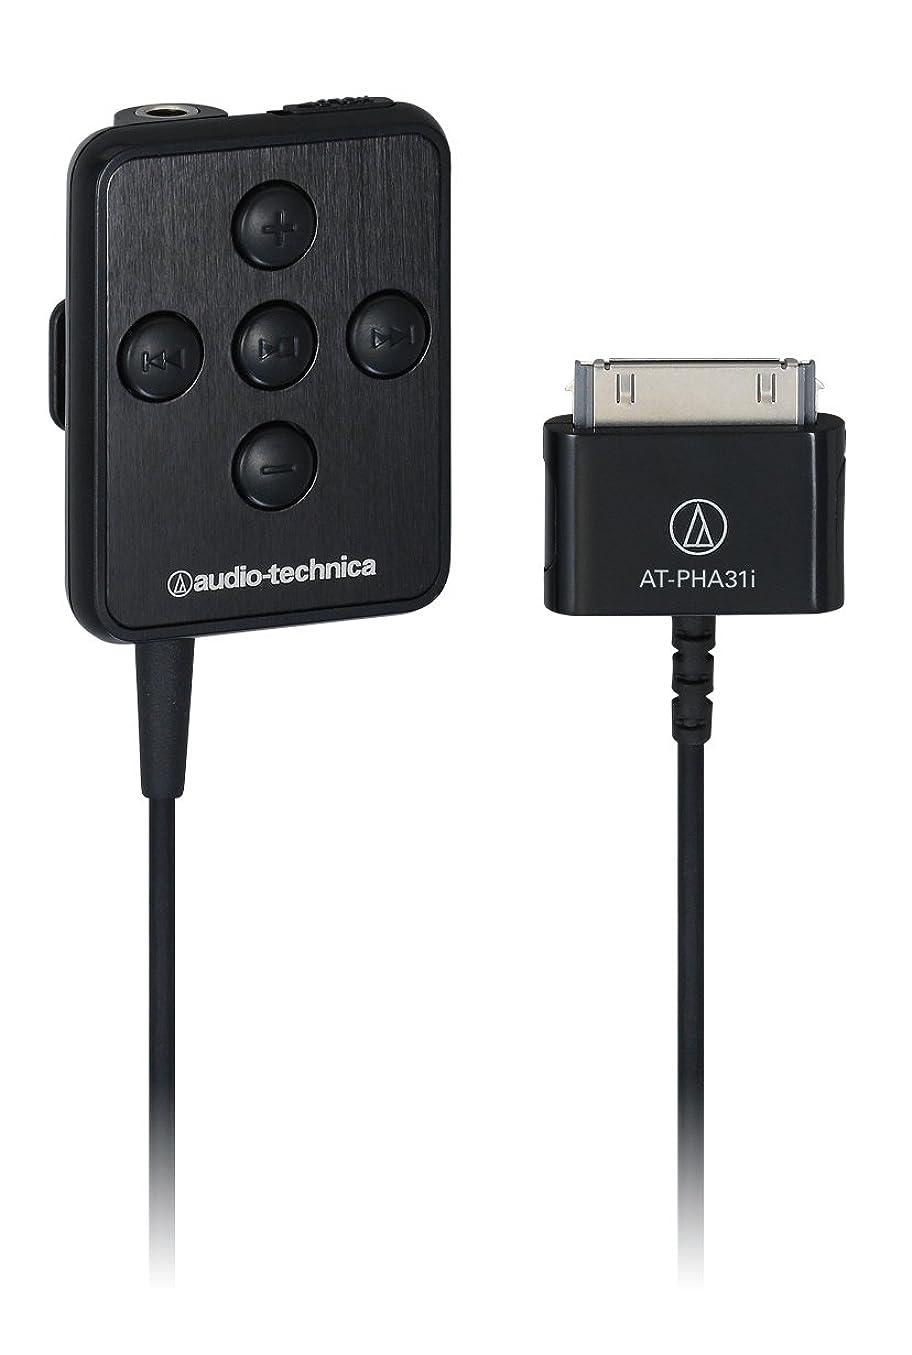 タイトデコードする行列audio-technica iPod/i Phone専用ポータブルヘッドホンアンプ AT-PHA31i BK